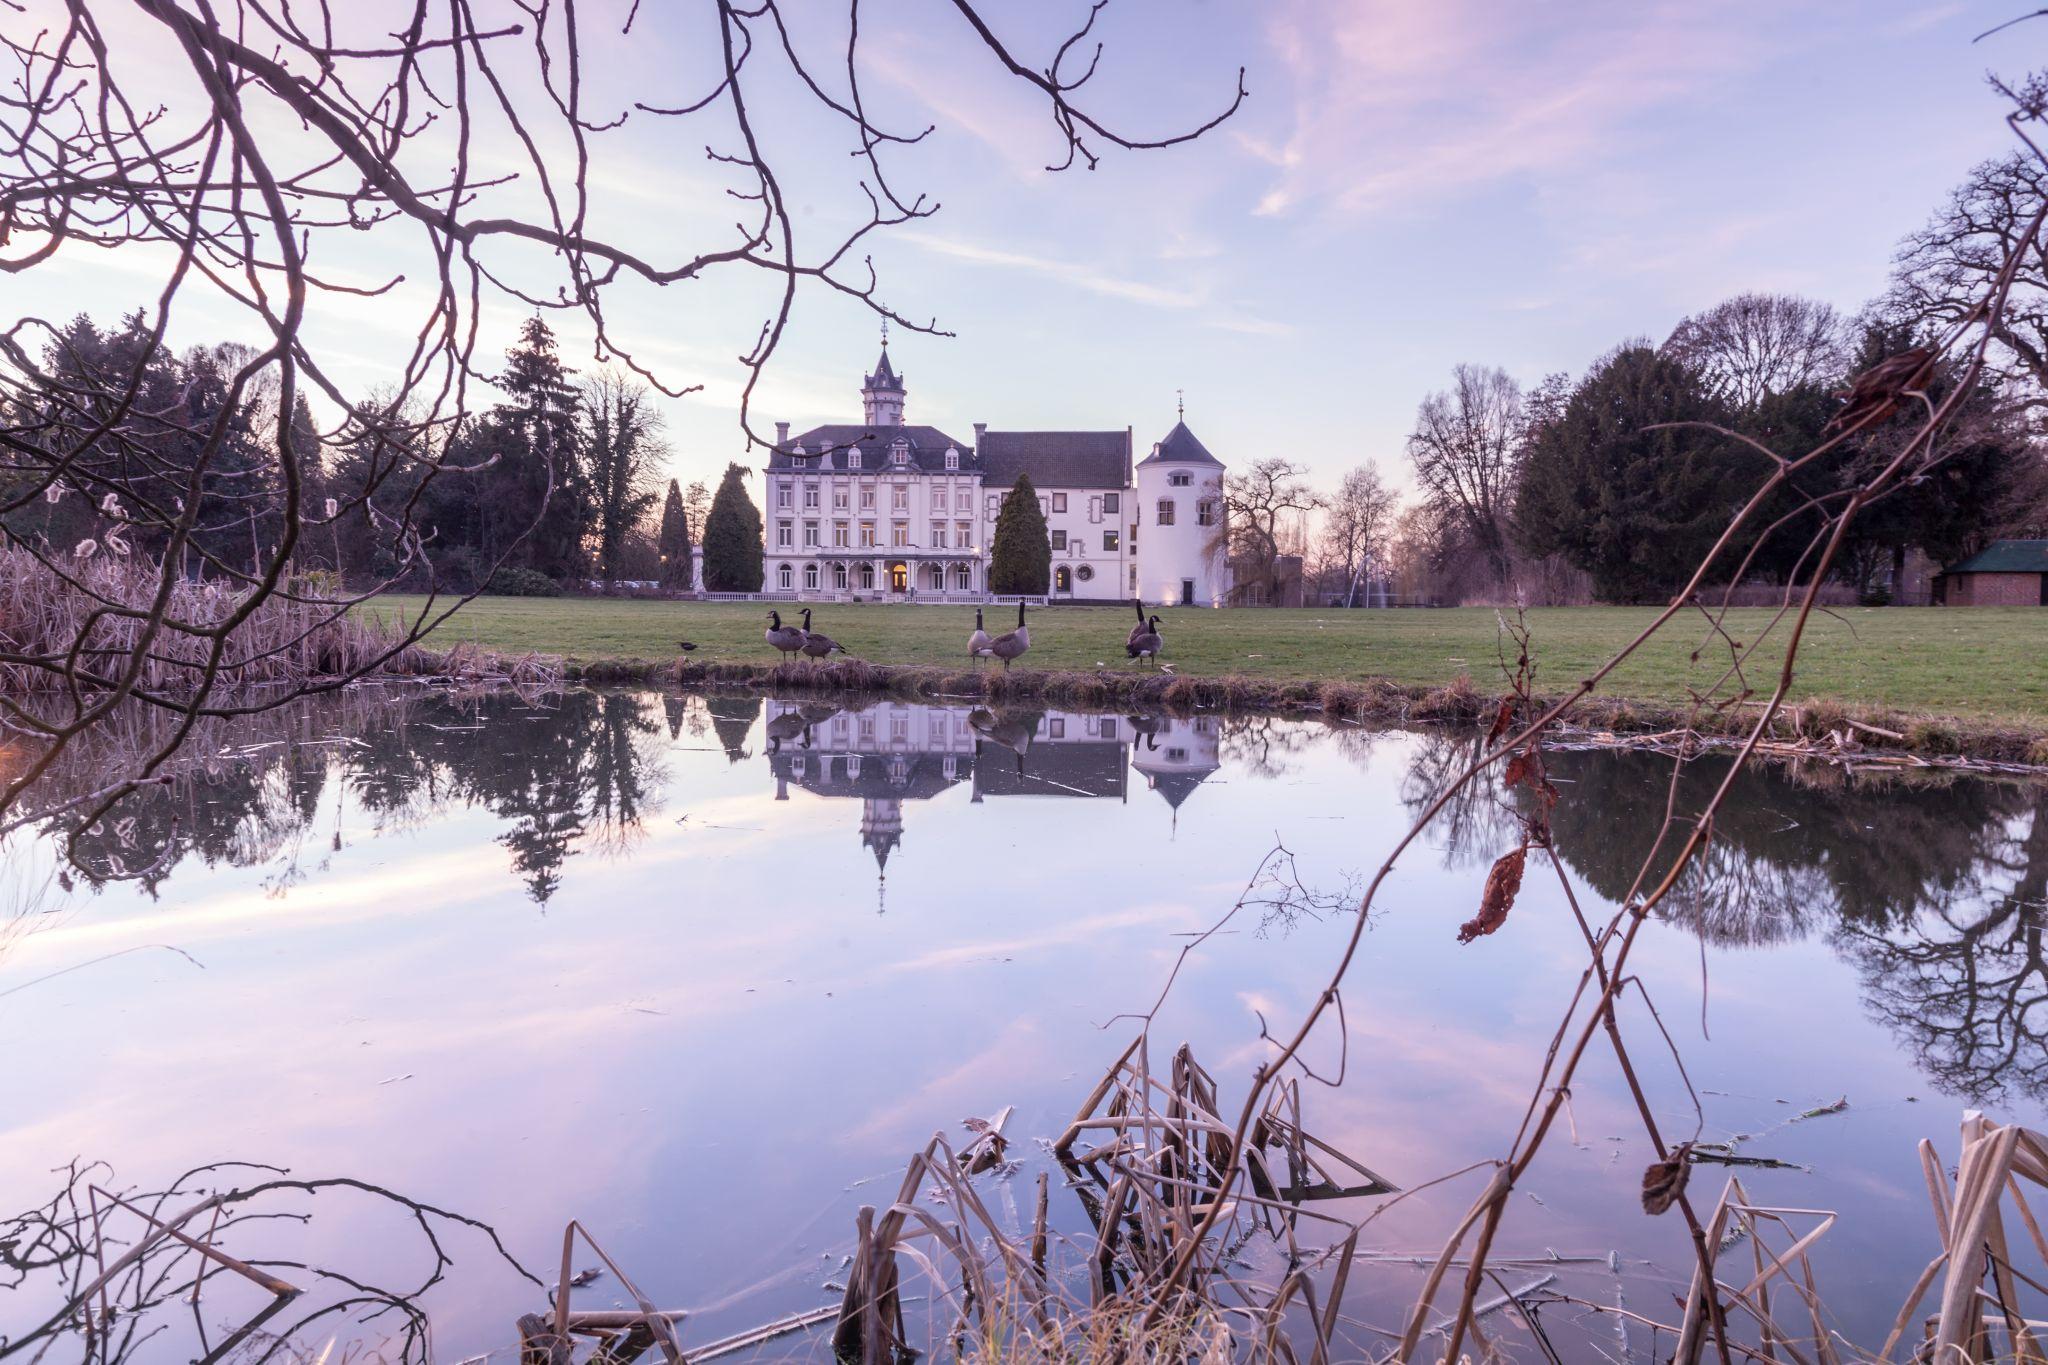 Hotel Management School Maastricht, Netherlands